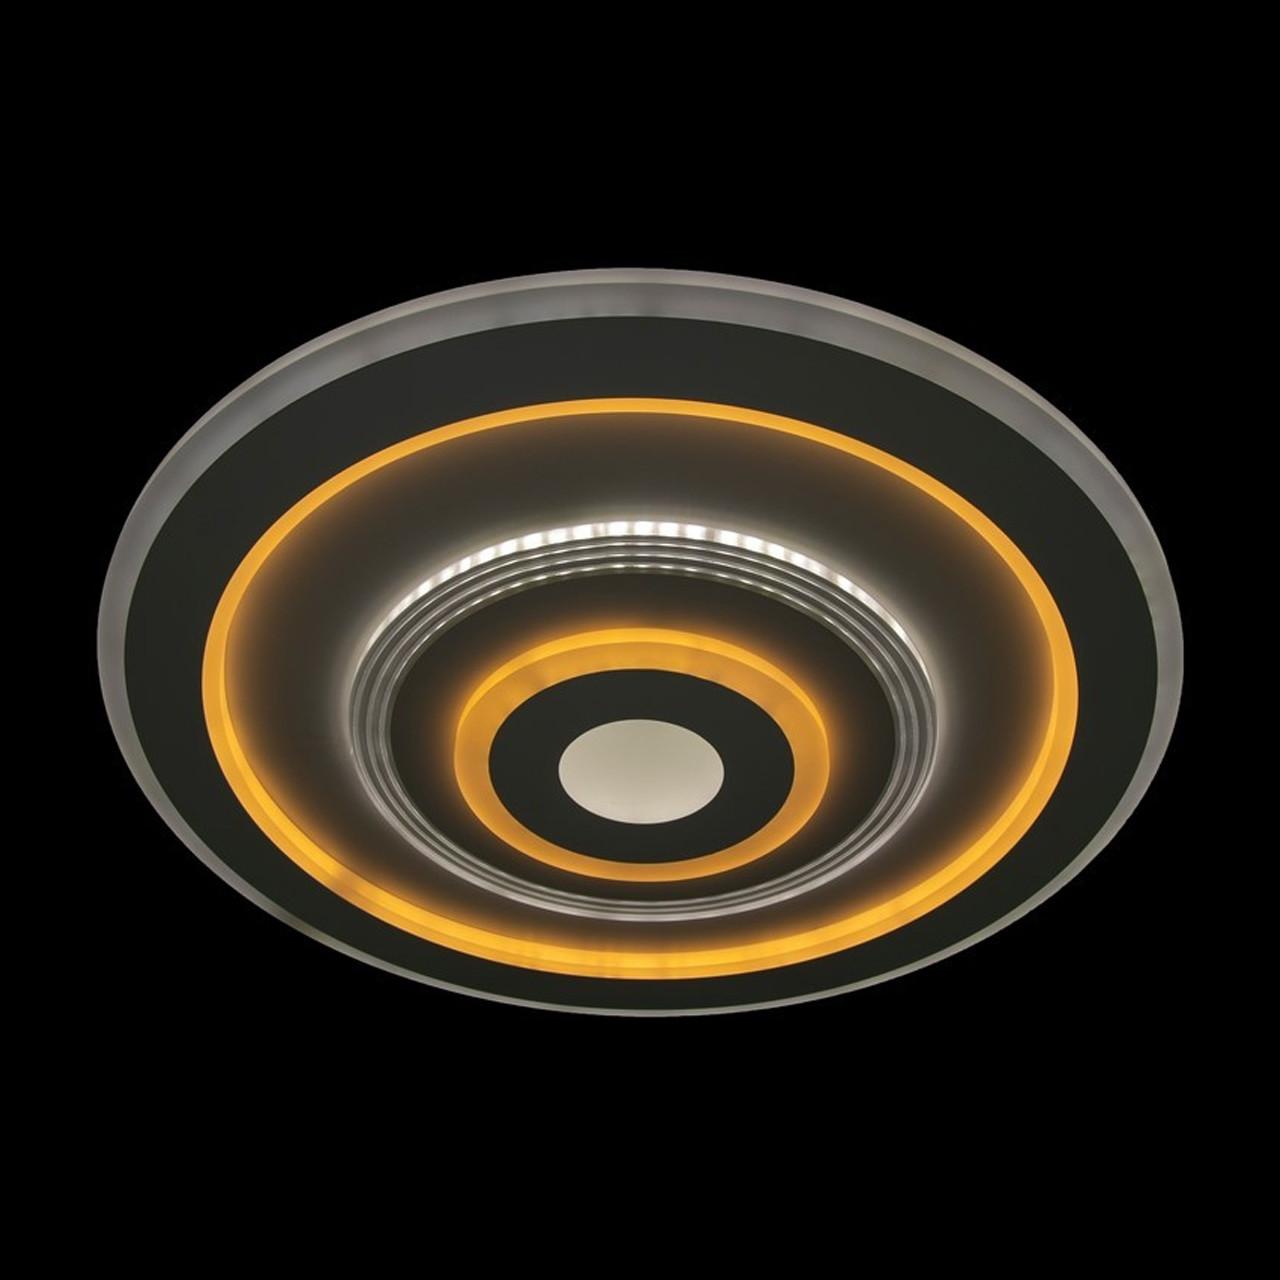 Плоская круглая светодиодная люстра на низкий потолок 105 Вт 50 см с пультом и диммером LS-2344-500 LED